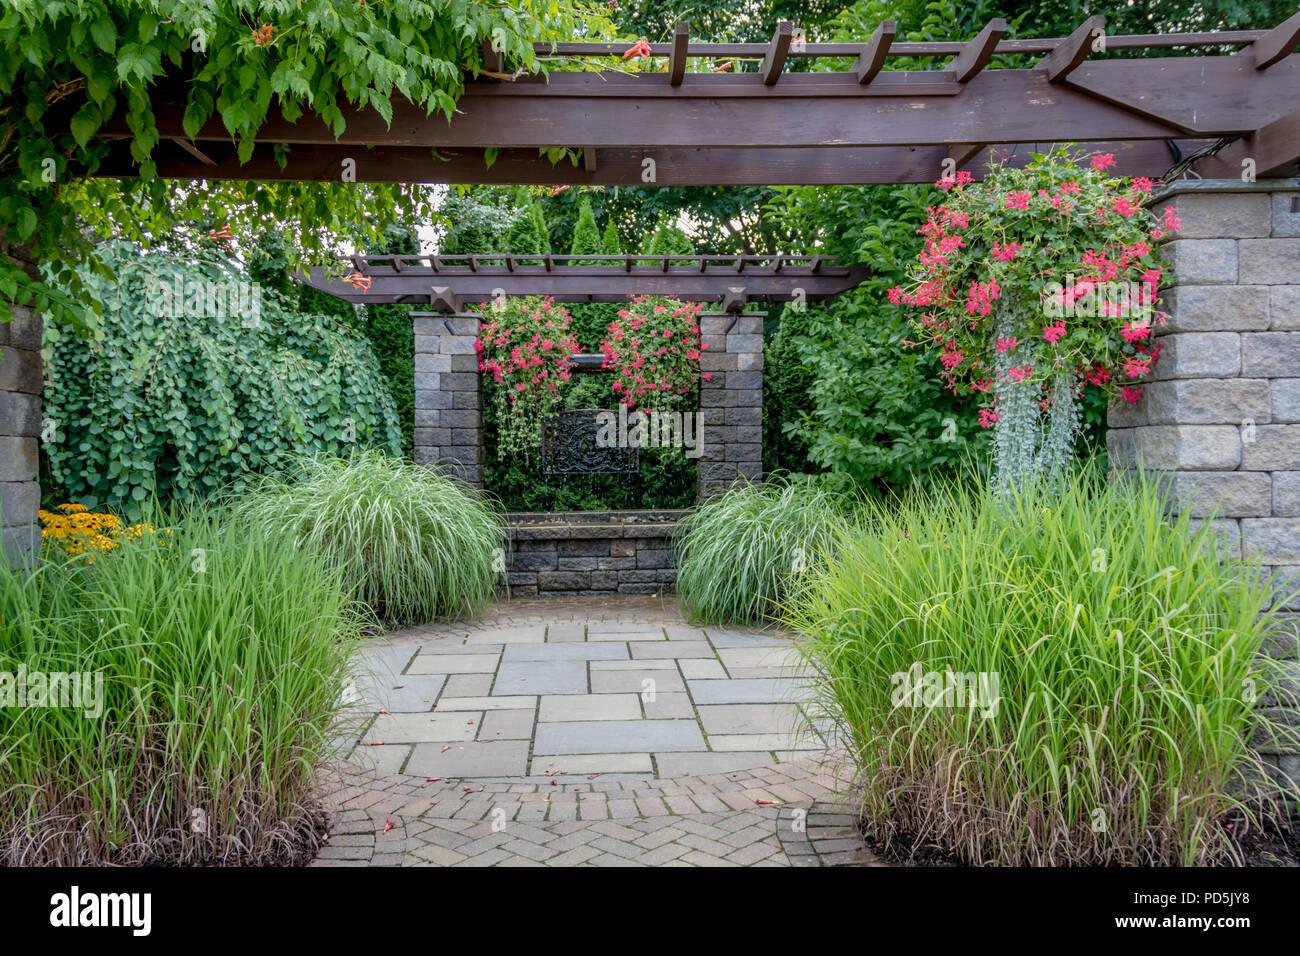 Architettura Del Verde architettura del paesaggio con acqua funzioni per giardino